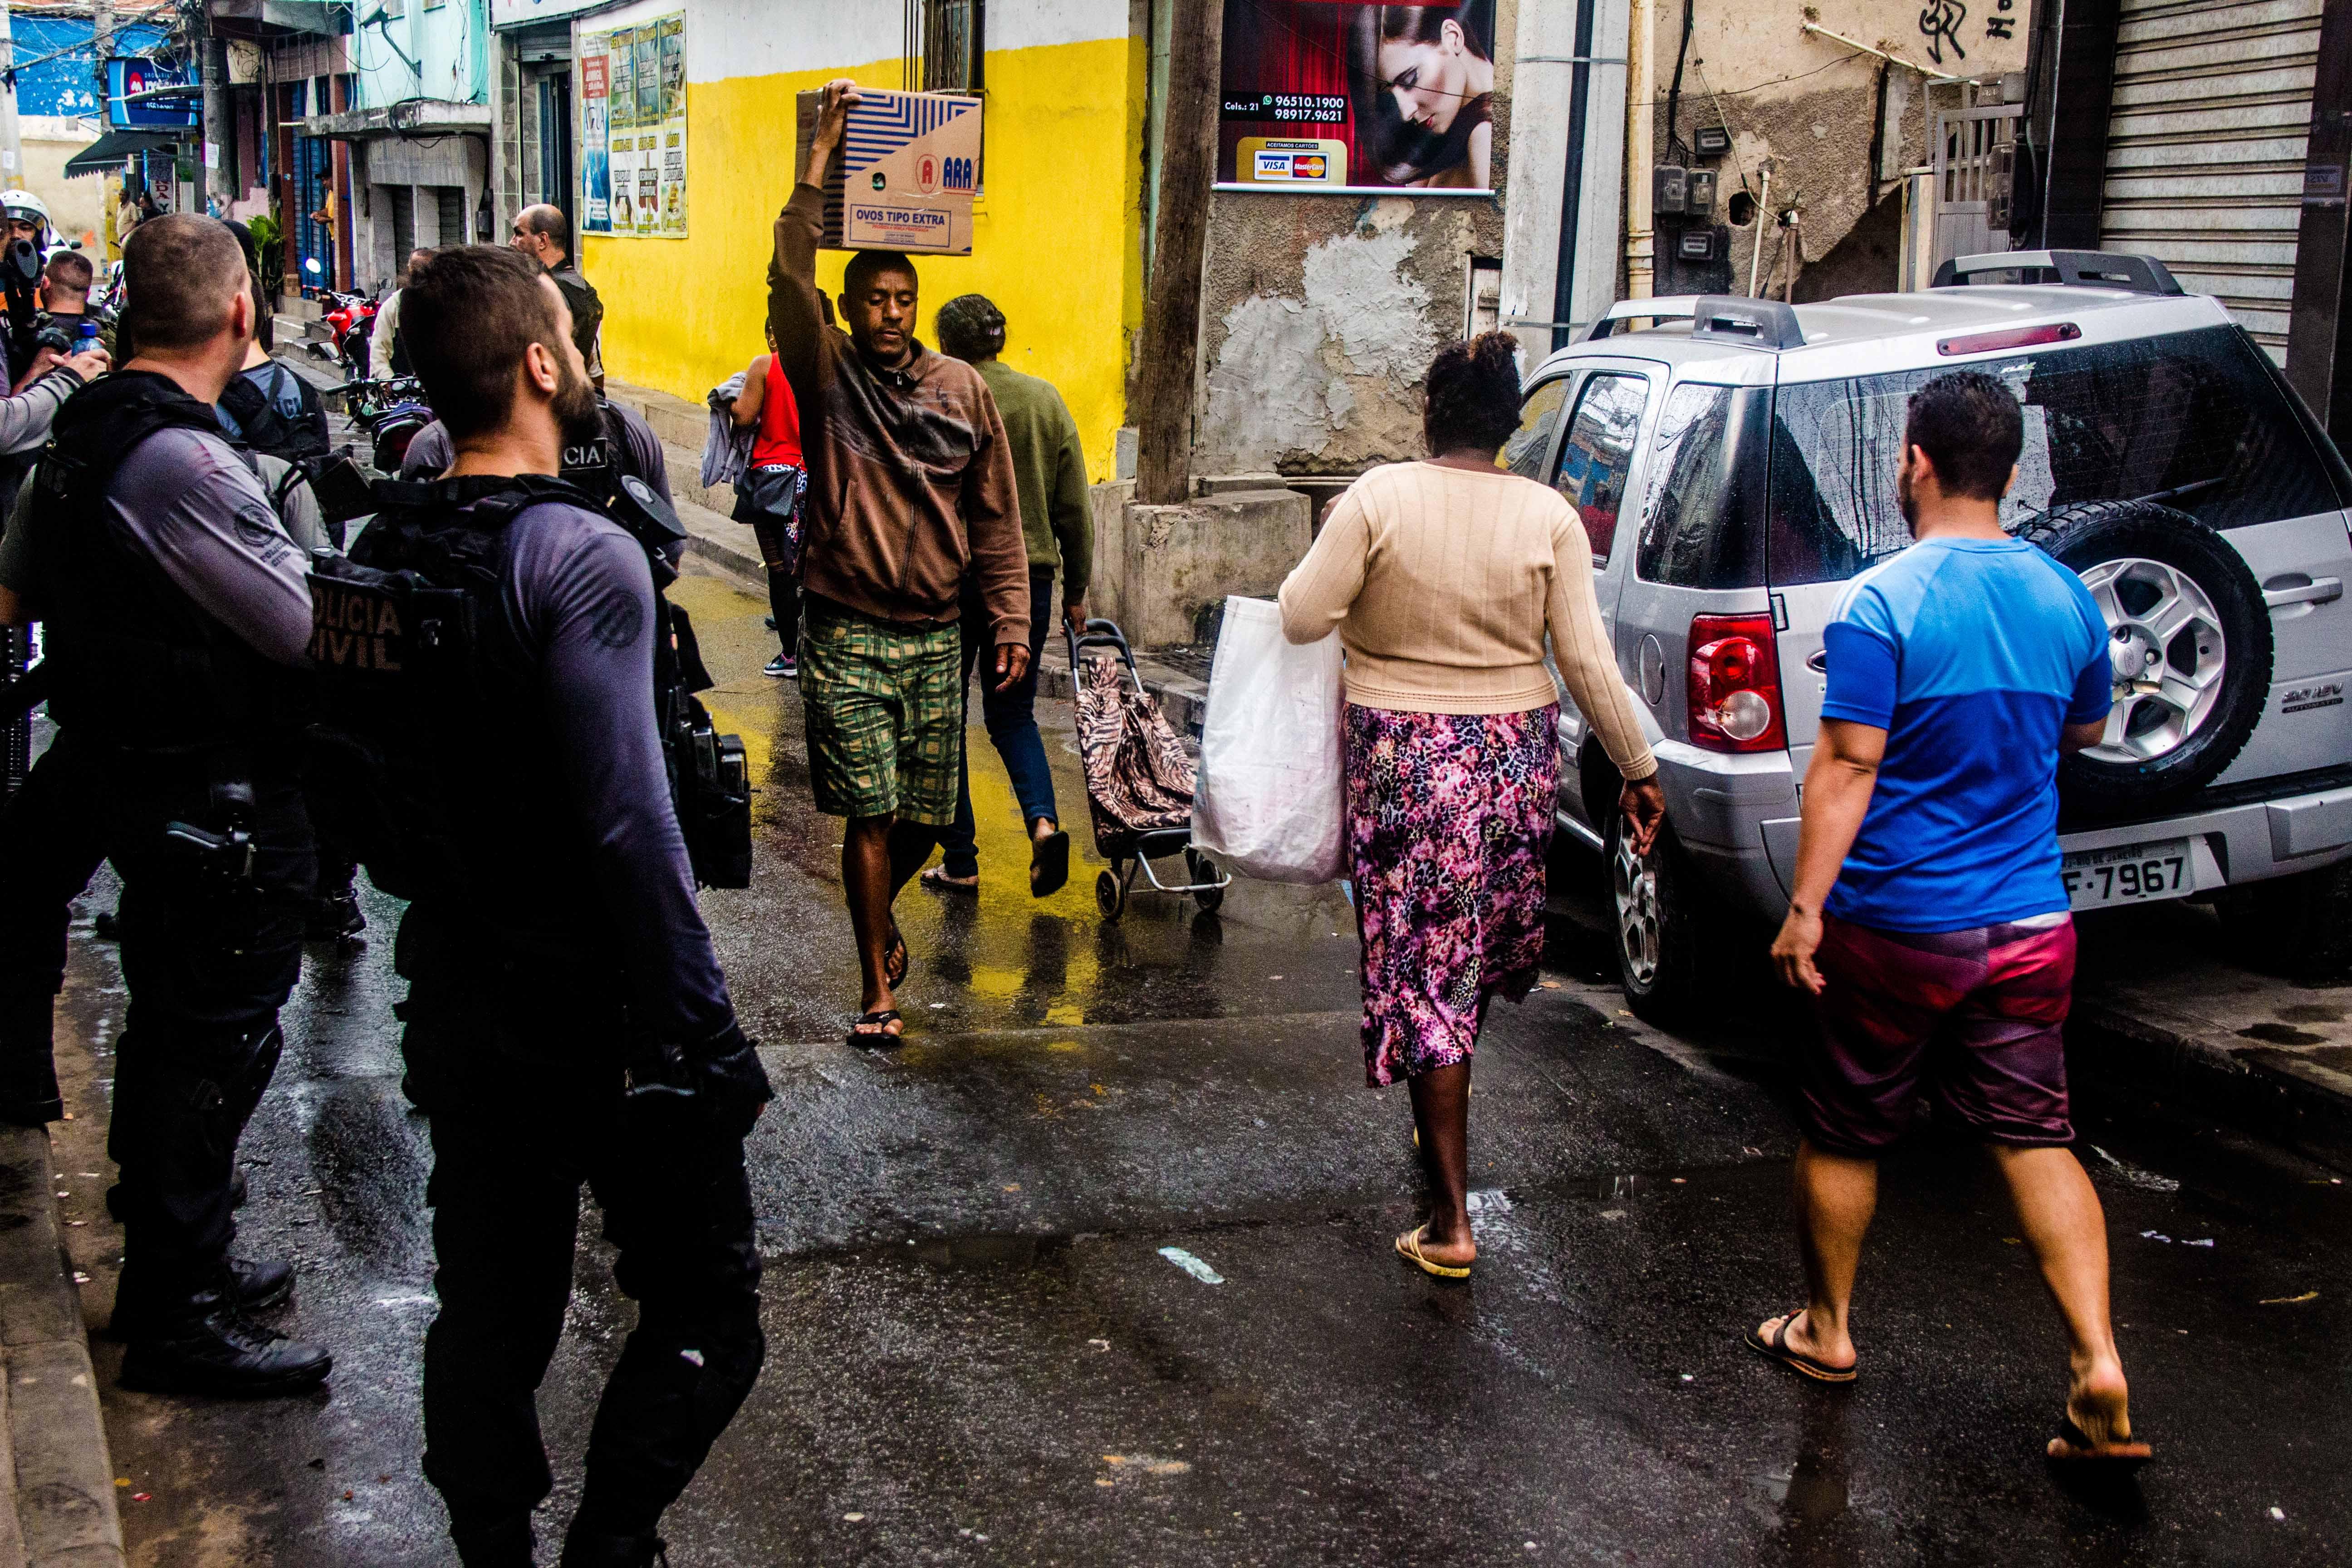 Foto: Bento Fabio/Jornal Voz da Comunidade